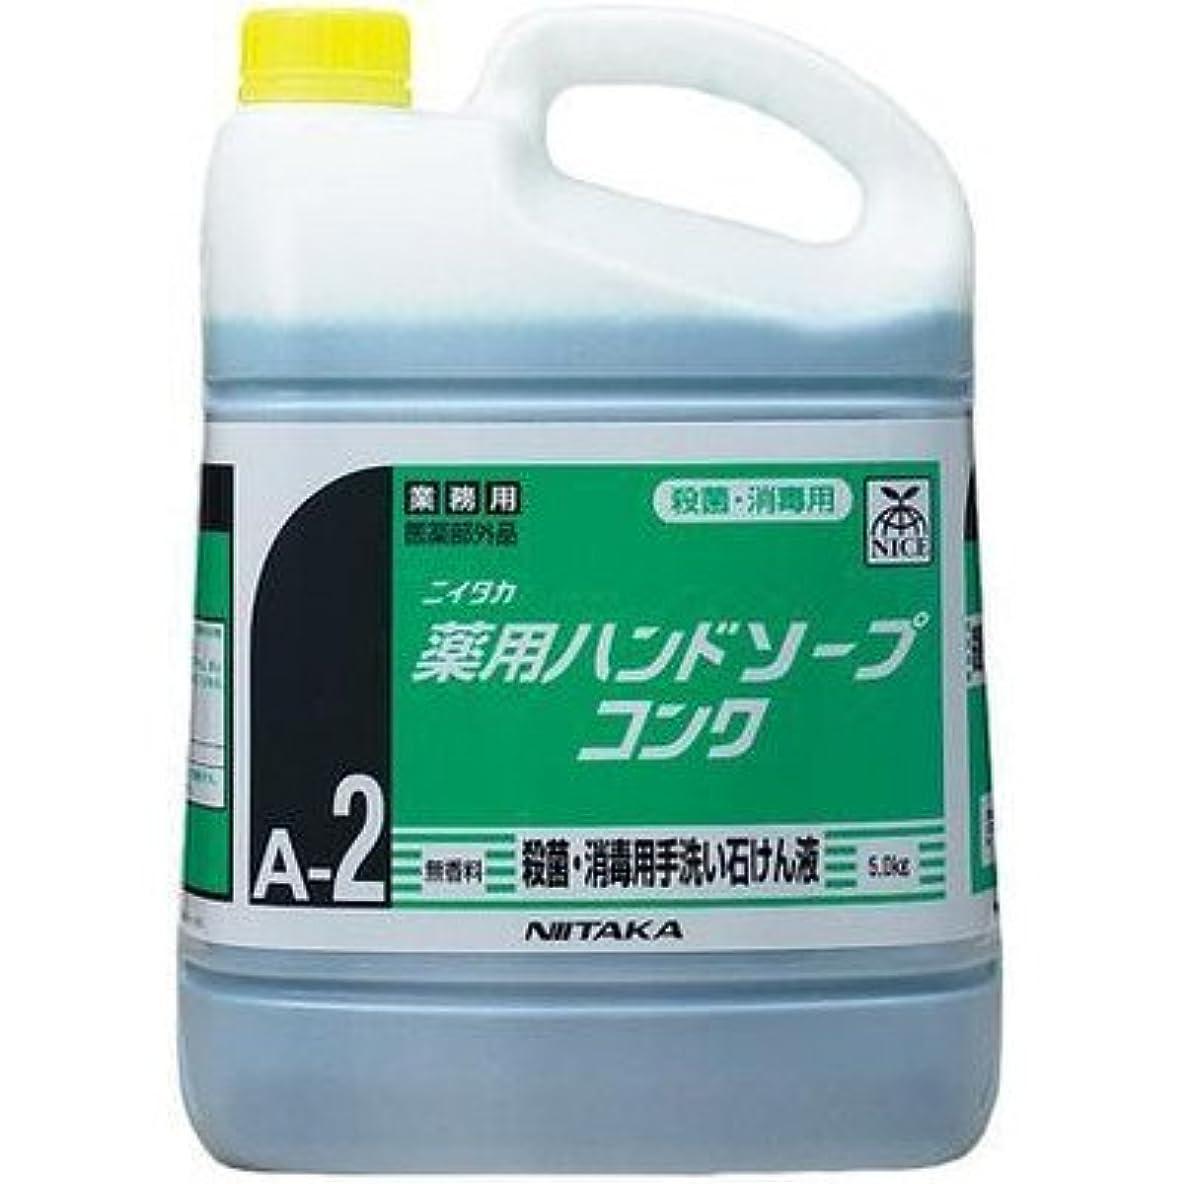 大学端末ティッシュニイタカ 業務用手洗い石けん液 薬用ハンドソープコンク(A-2) 5kg×3本